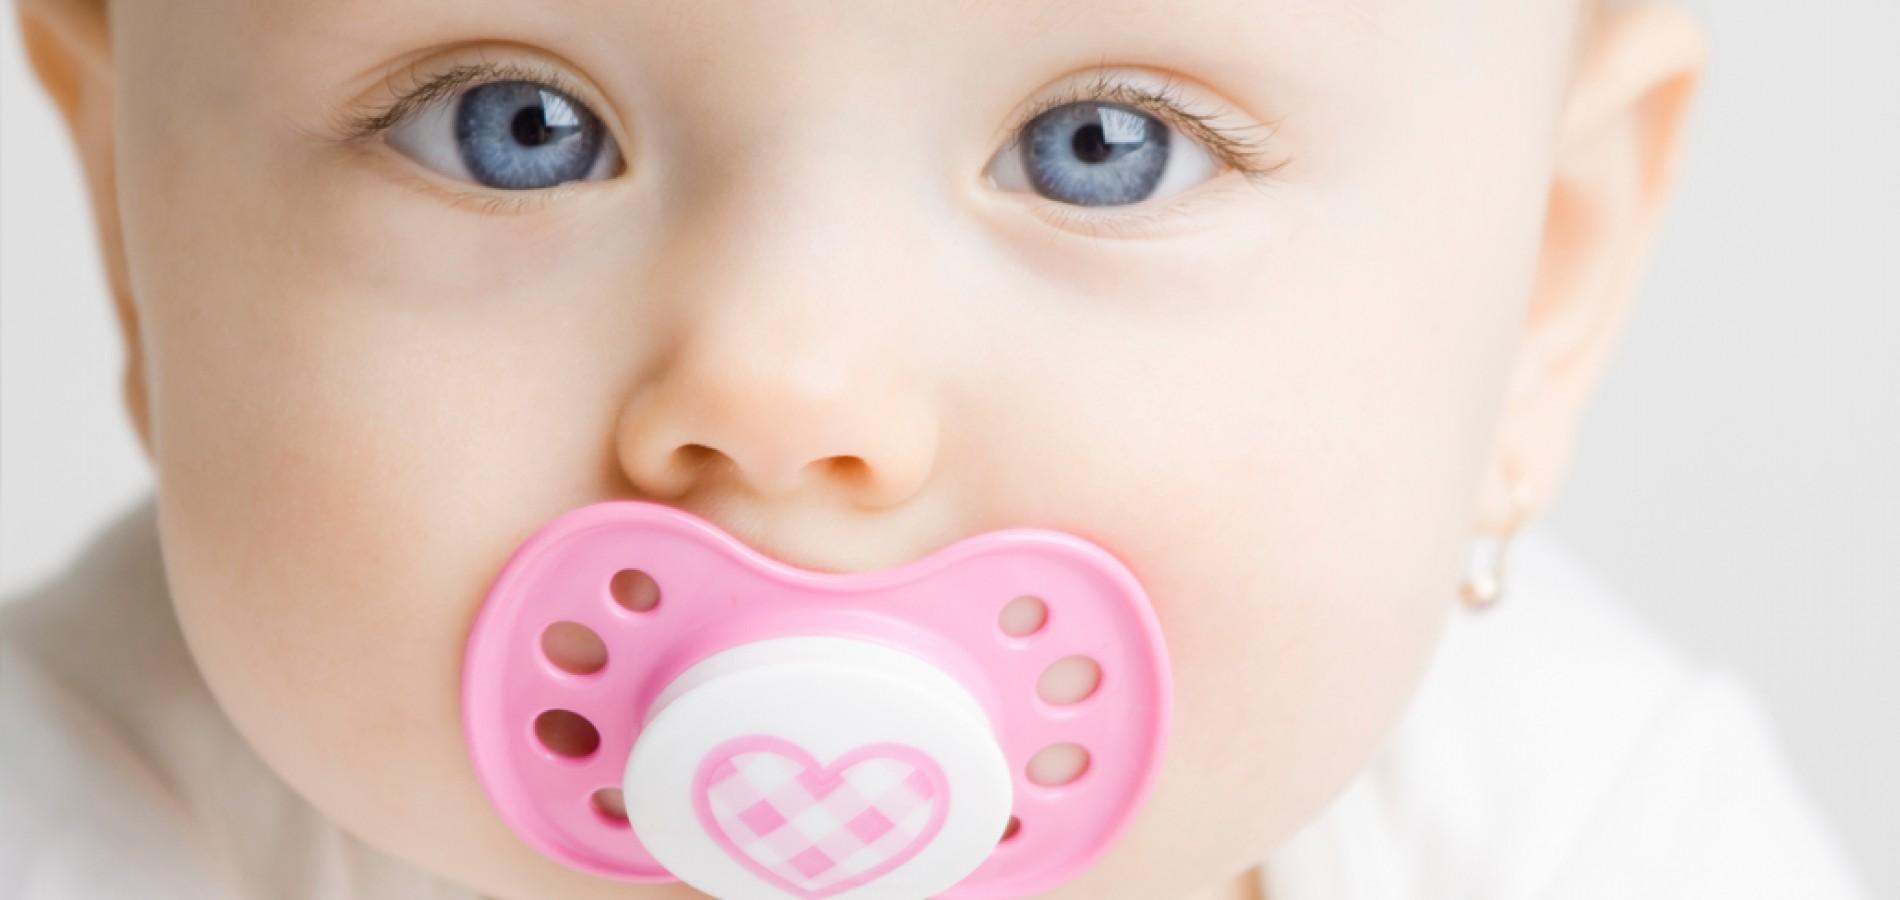 2ª Semana do Bebê começa na próxima segunda-feira, 22